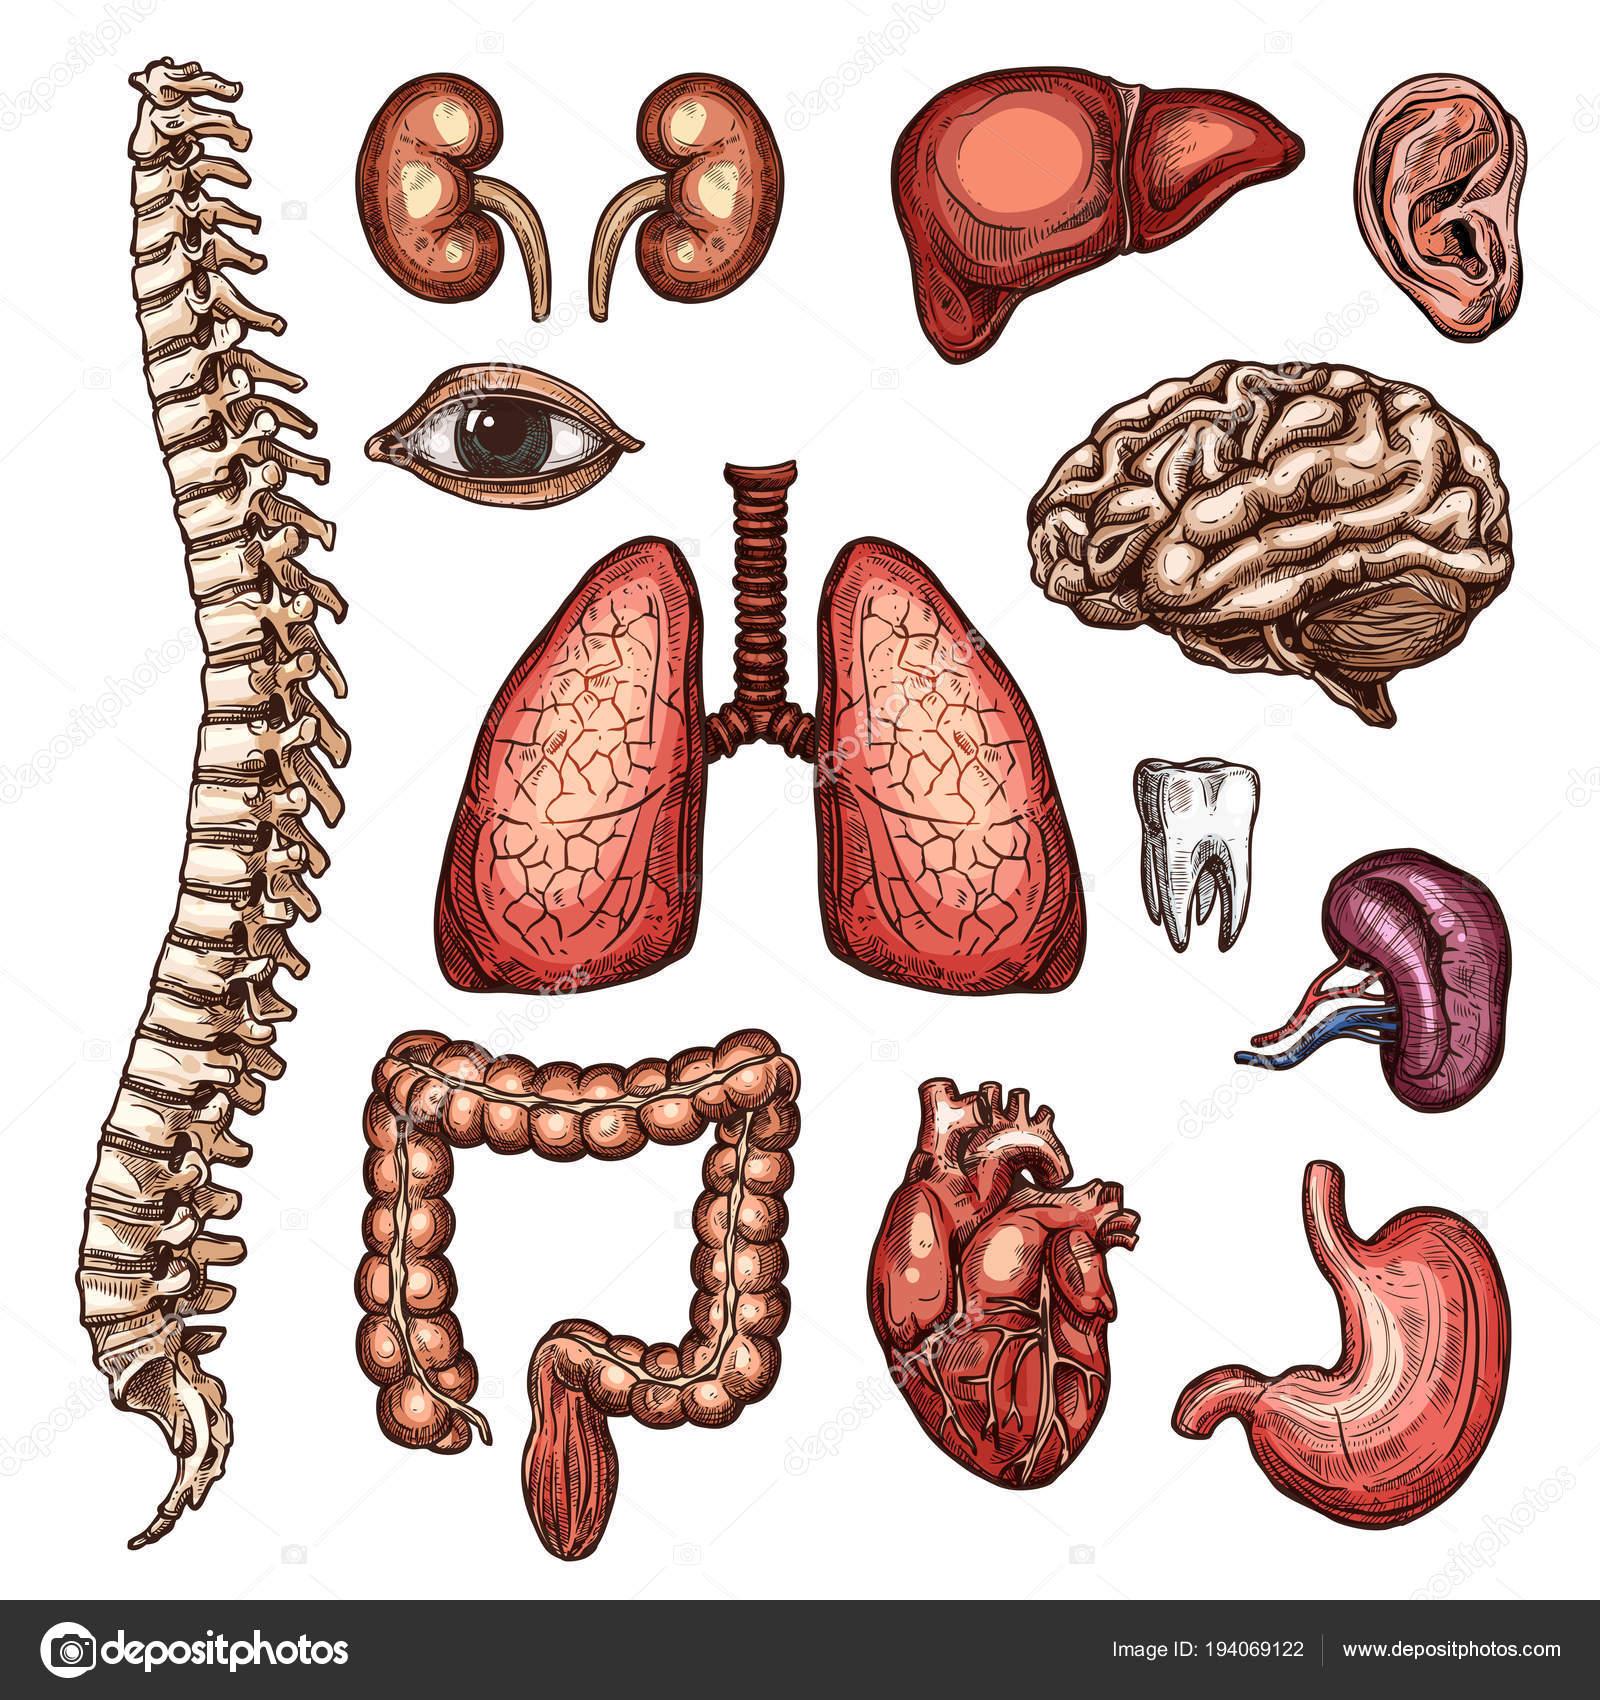 Orgel, Knochen und Körper Teil Skizze der menschlichen Anatomie ...